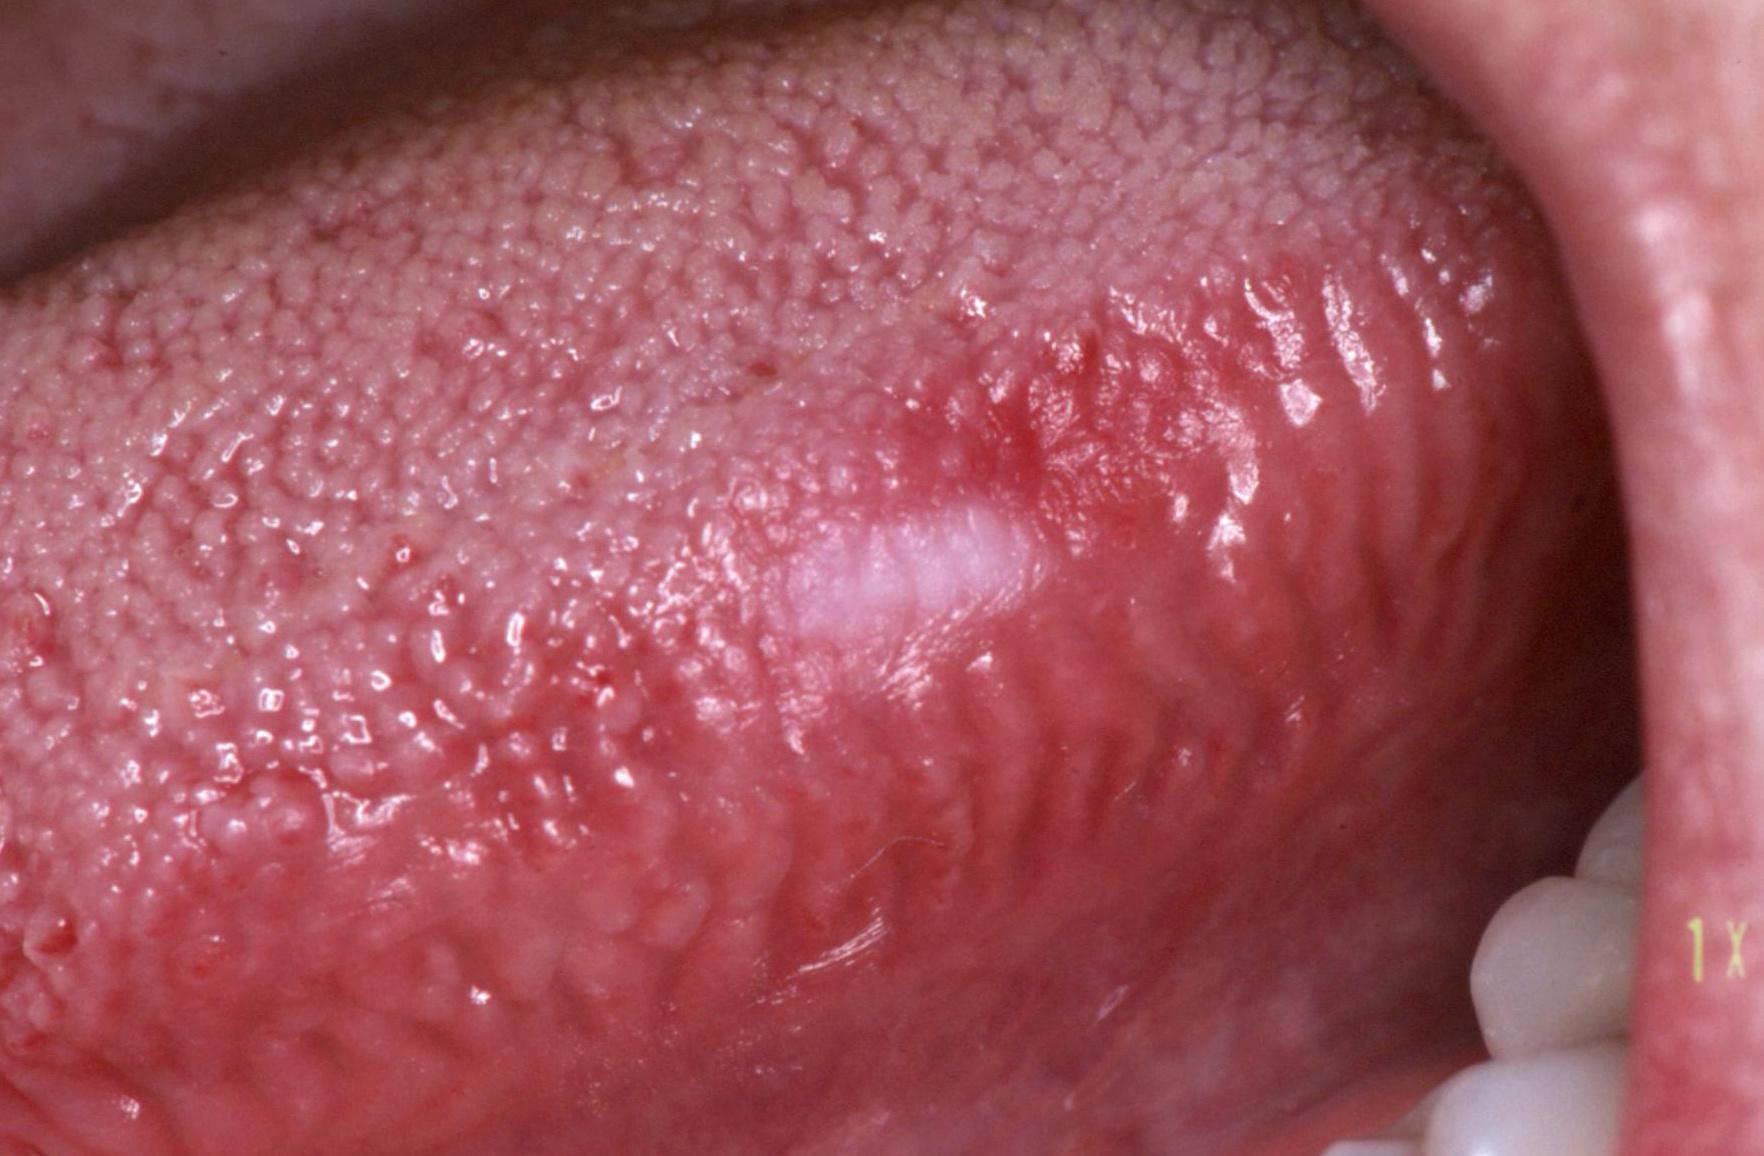 Pikkelyes nyelv papilloma, HPV-fertőzés tünetei és kezelése